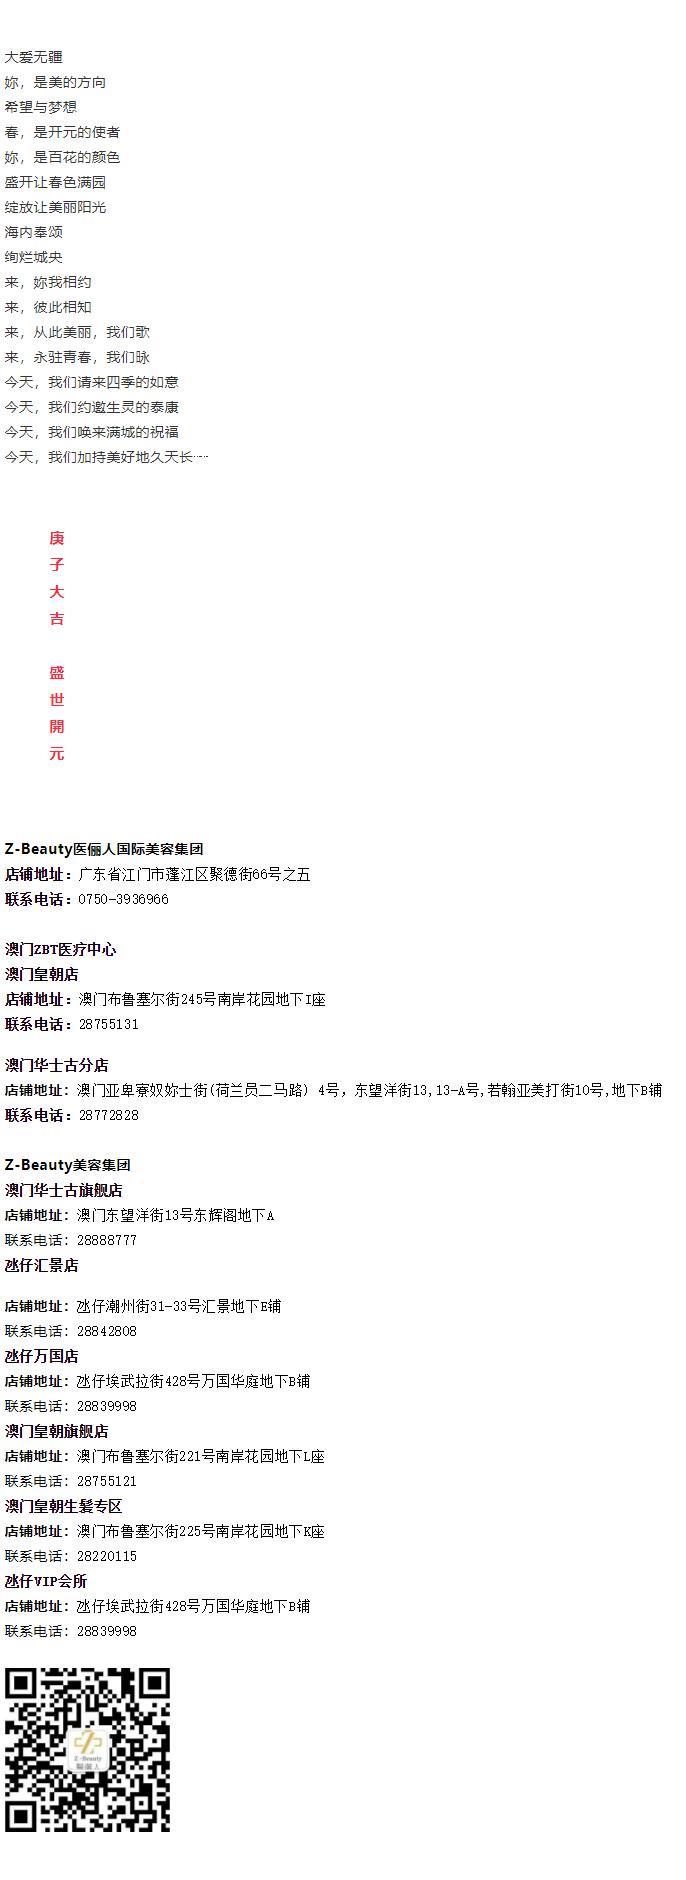 潮生百花令-燕衔萬木春_08.jpg